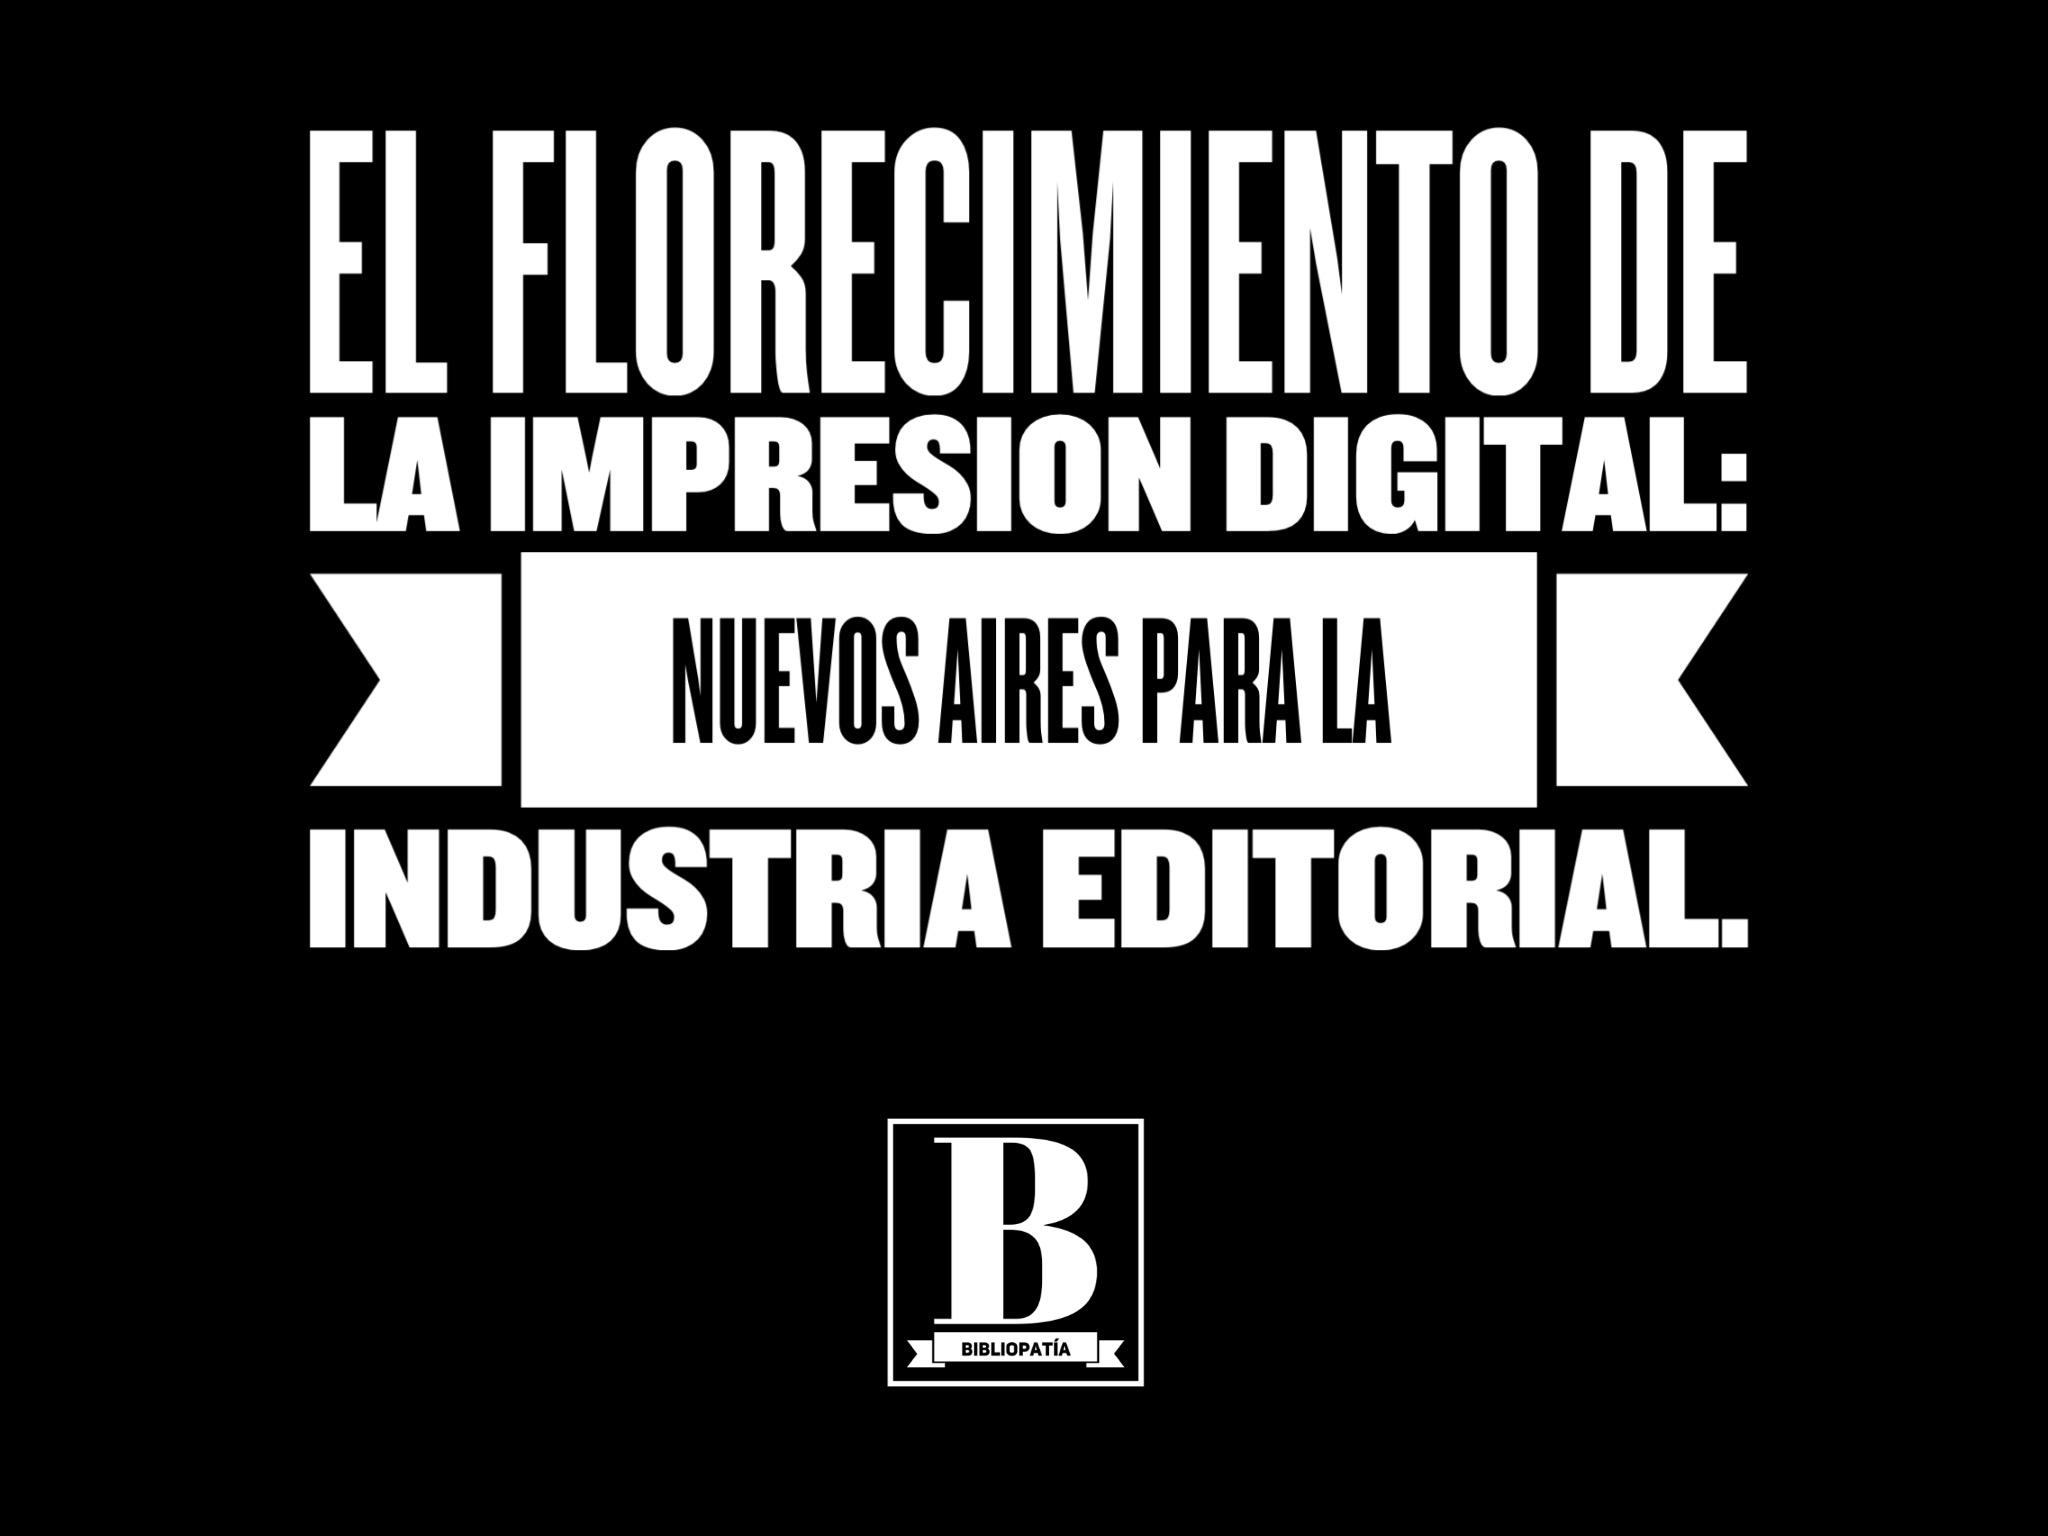 El florecimiento de la impresión digital: nuevos aires para la industria editorial